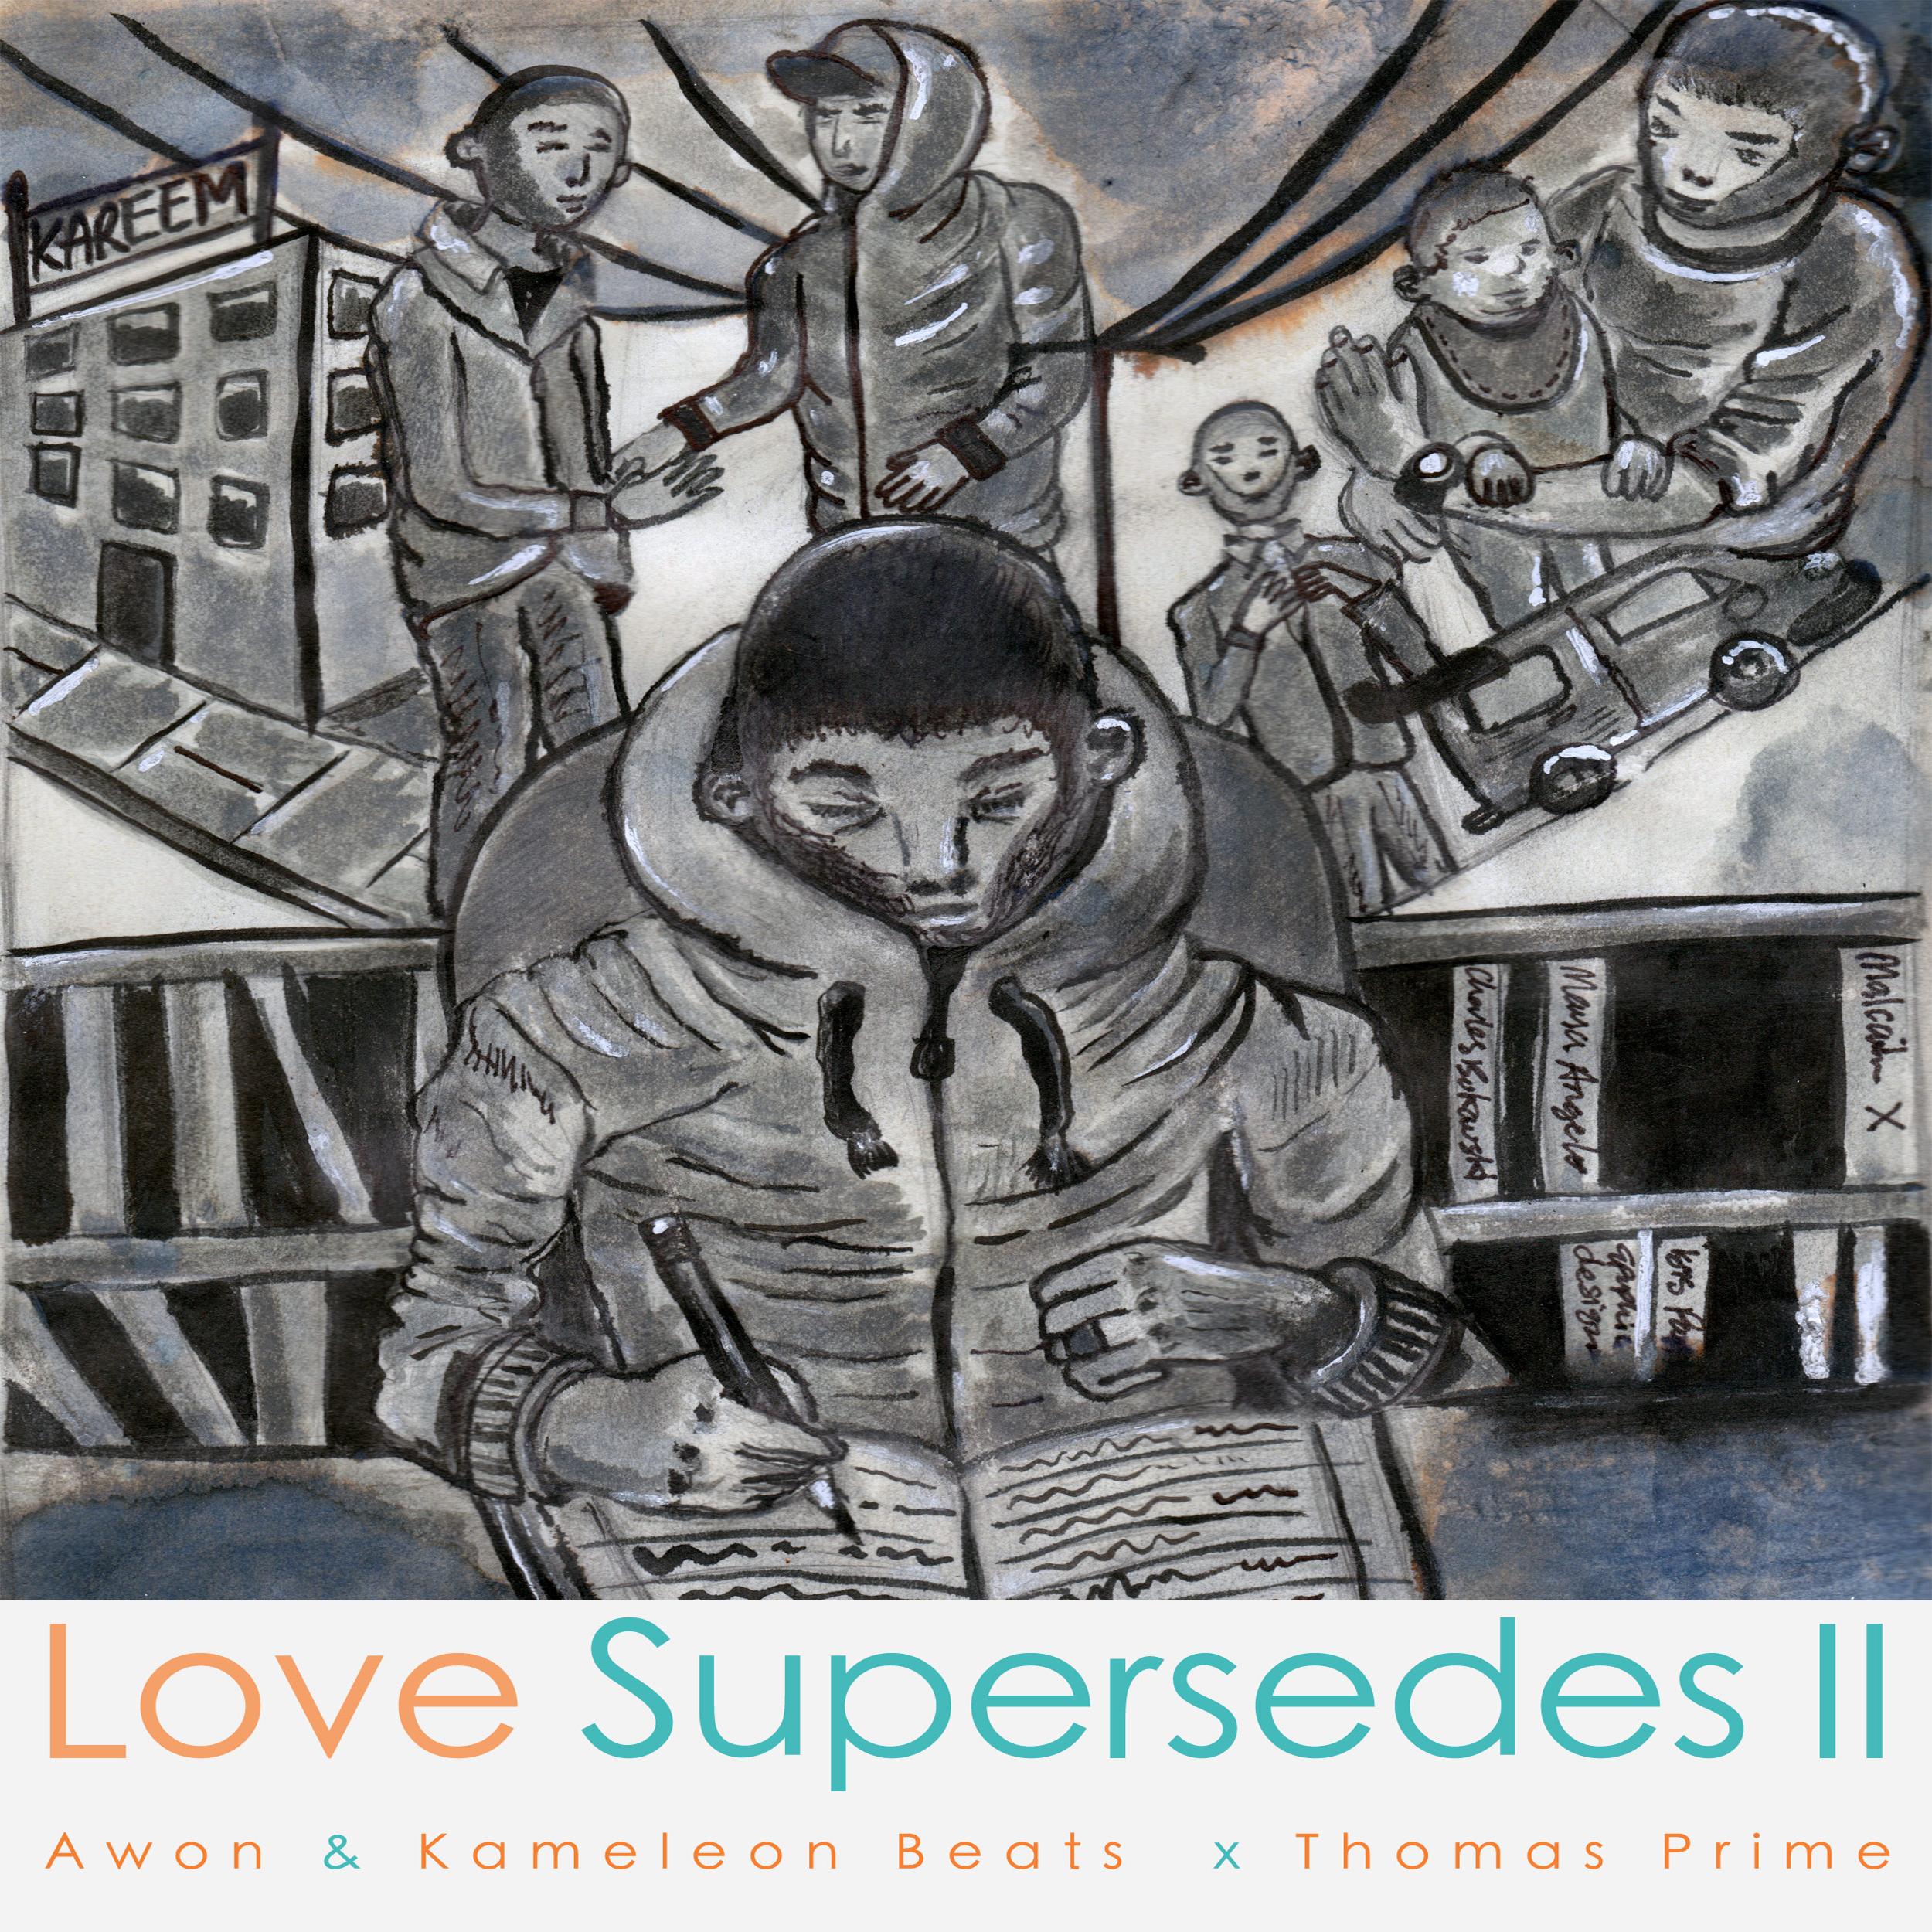 Awon x Kameleon Beats x Thomas Prime - Love Supersedes II